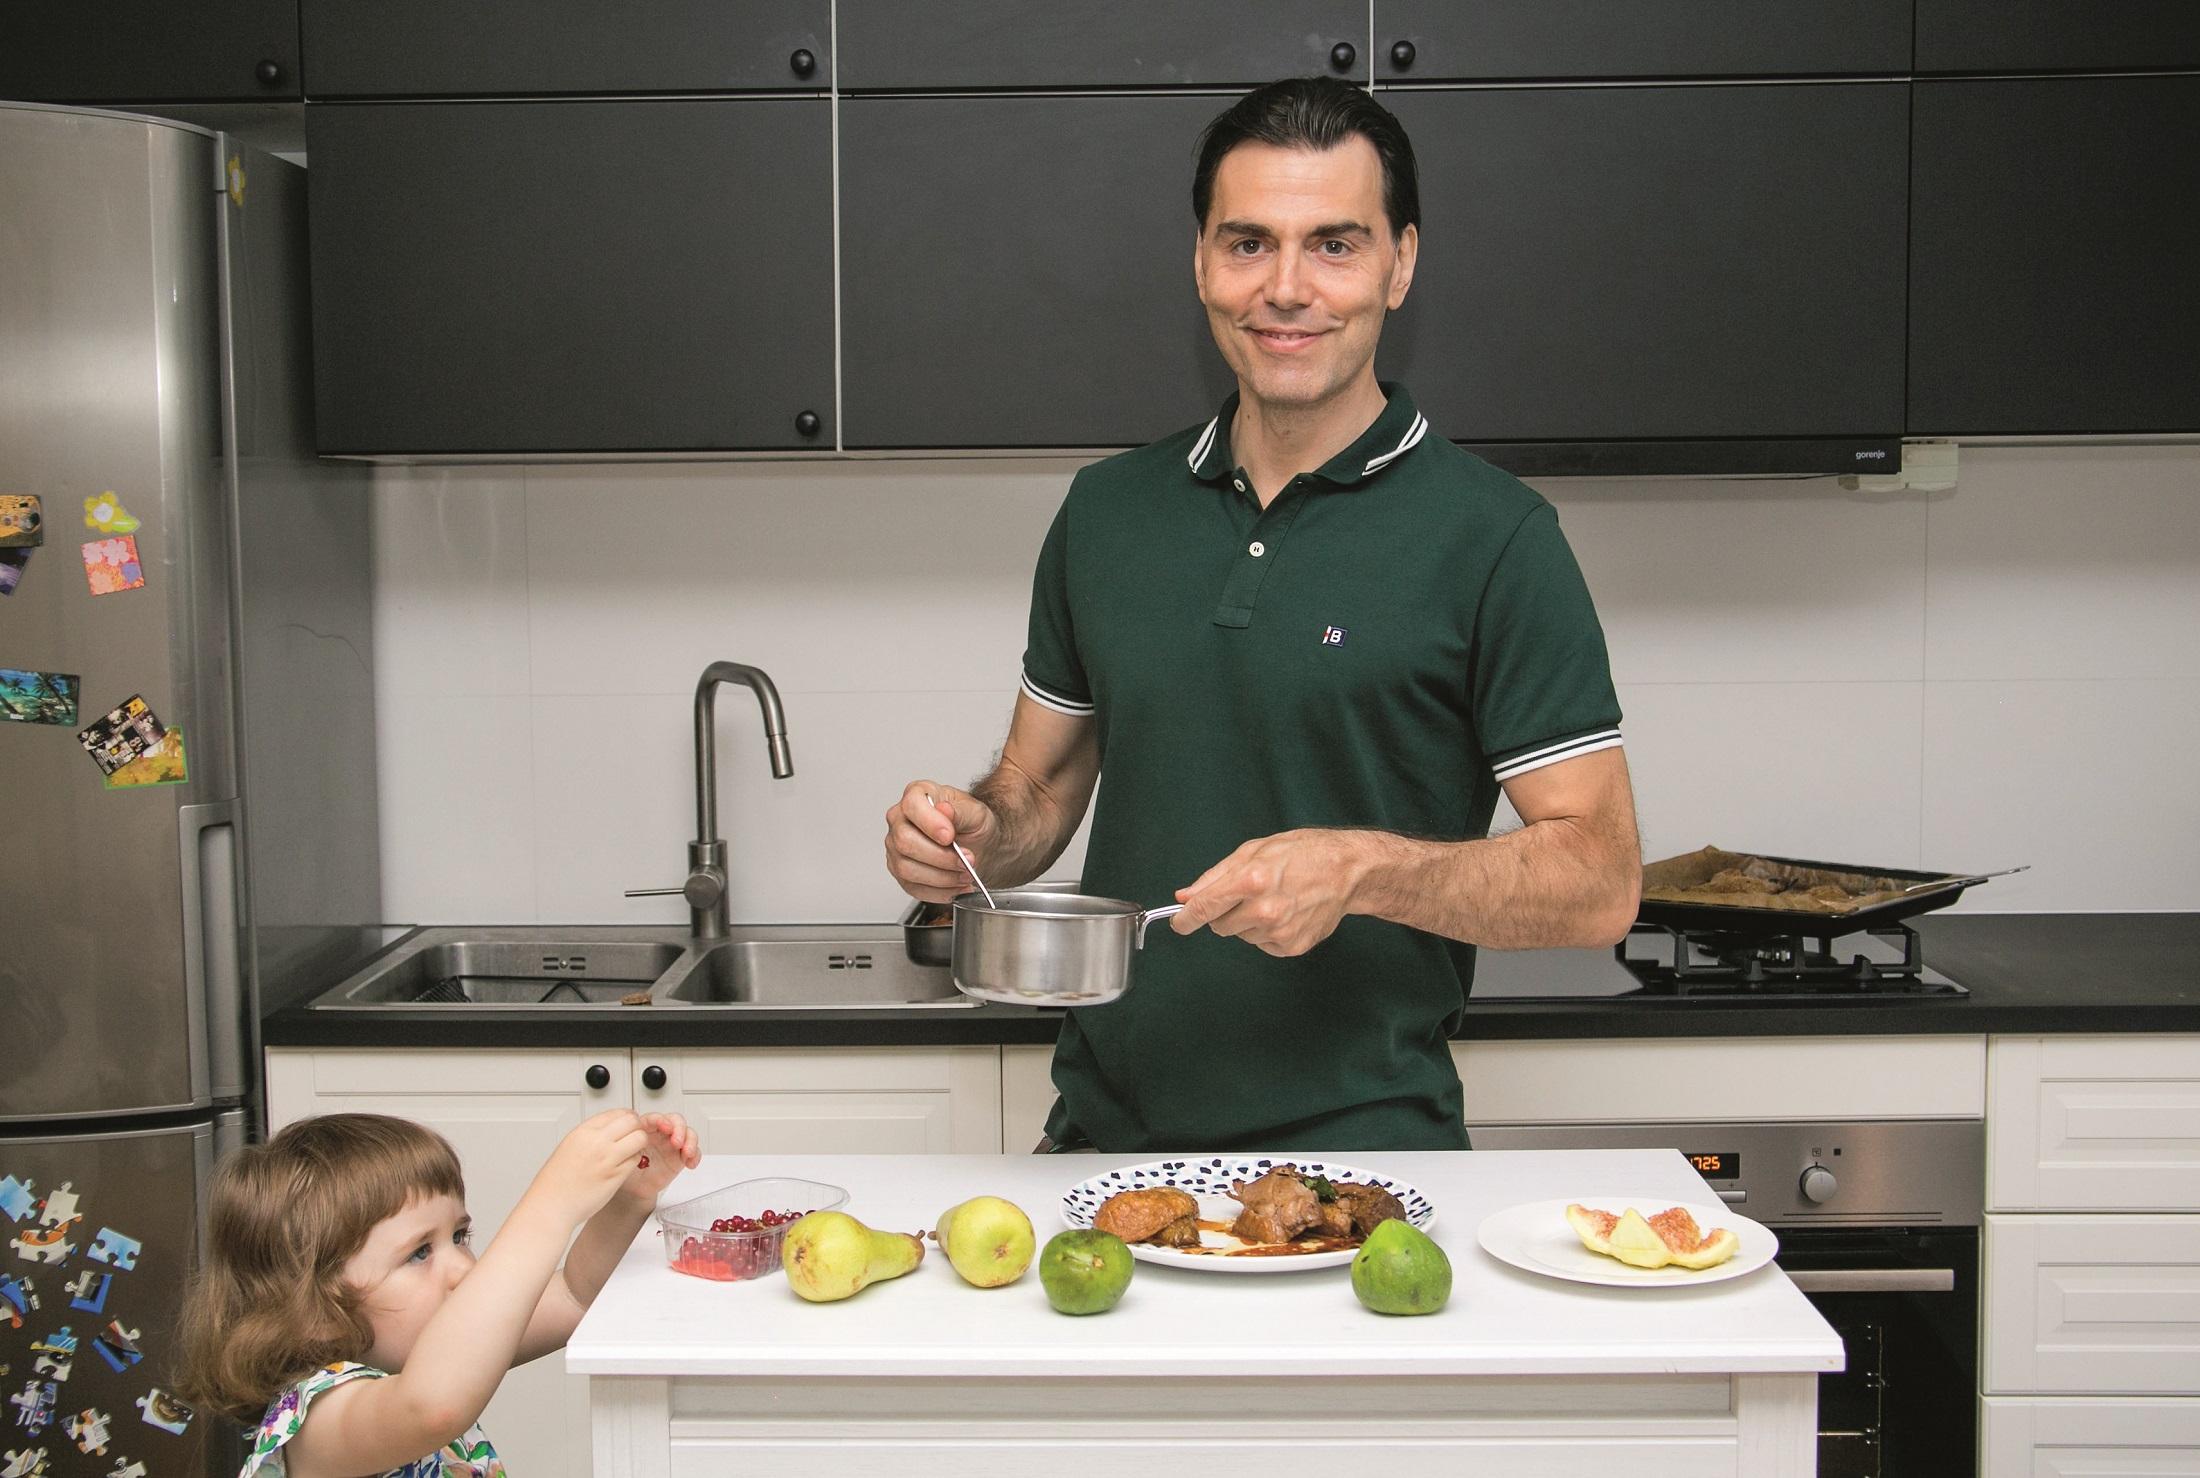 kuhinja glumac Niksa Kuselj, kcerkica pavla, zagreb, 240620 foto ines stipetic recept hladna puretina s pecenim kruskama